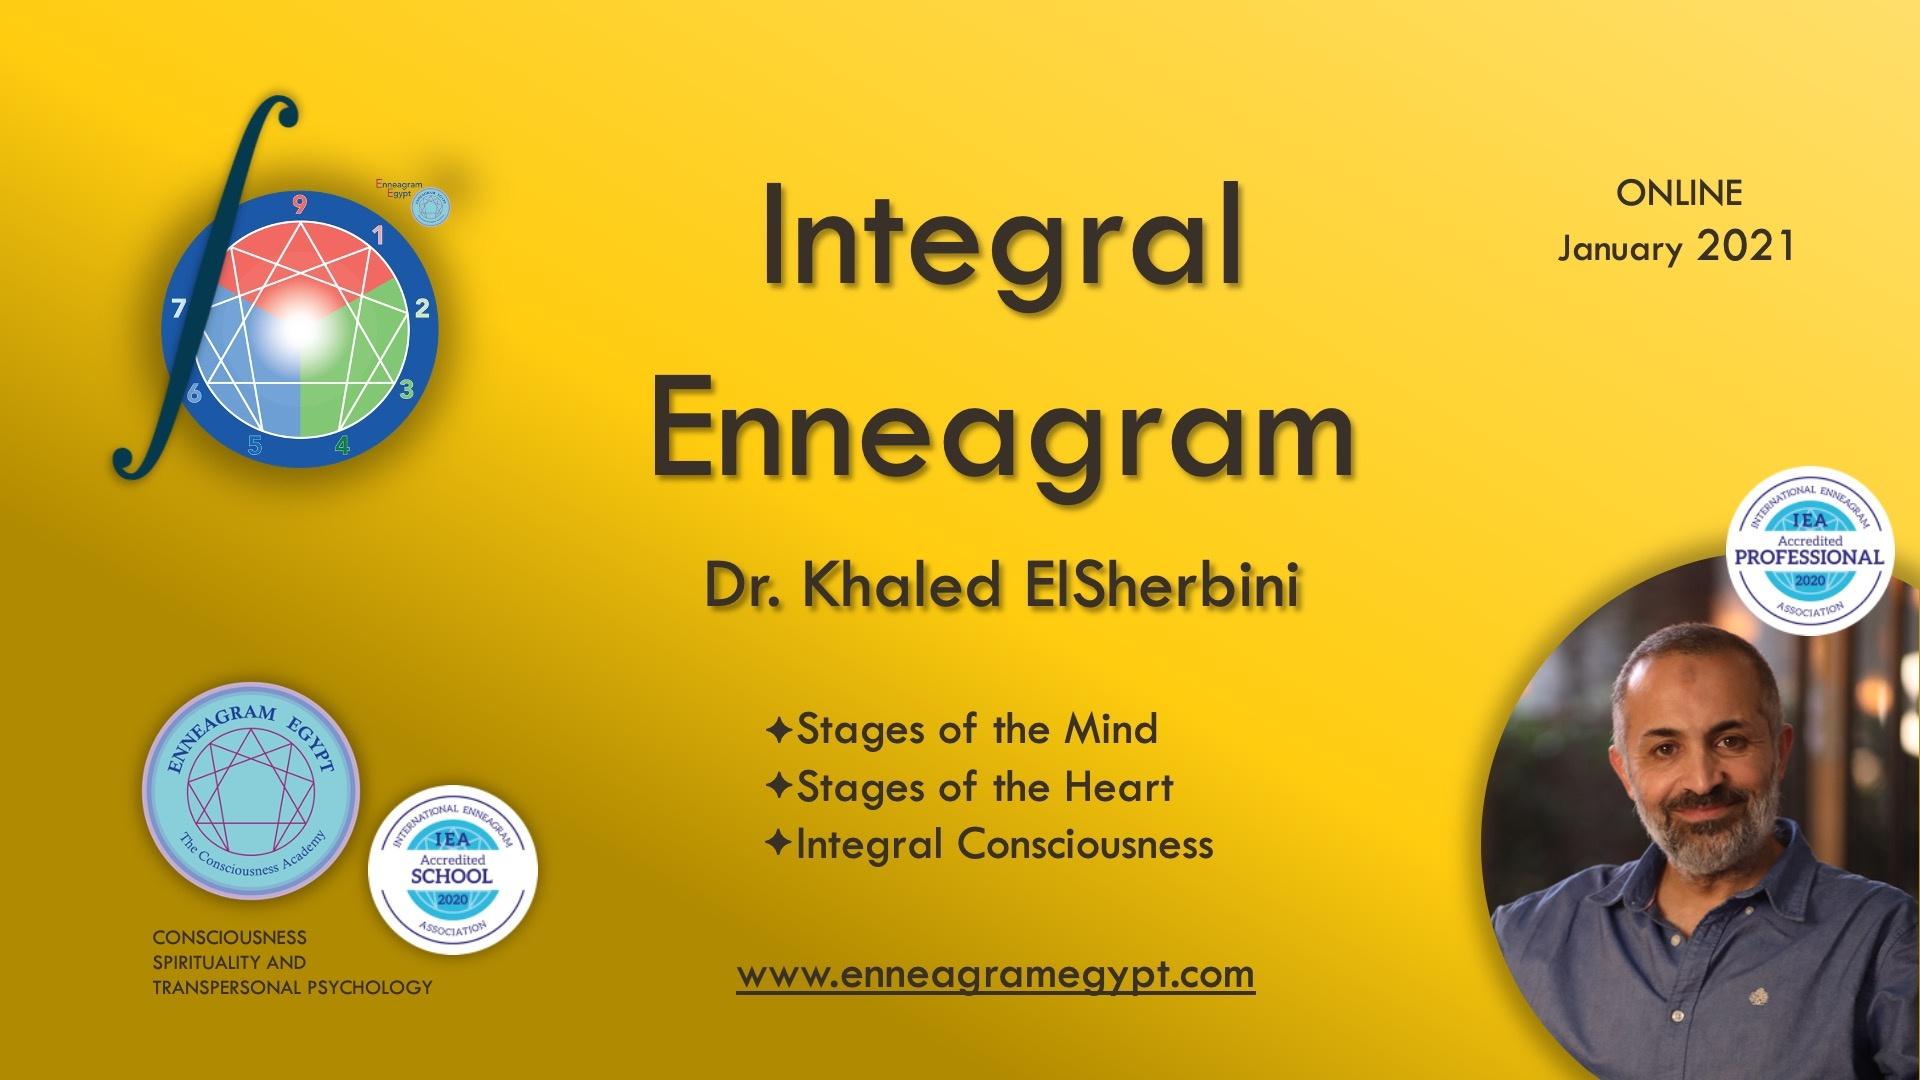 Integral Enneagram